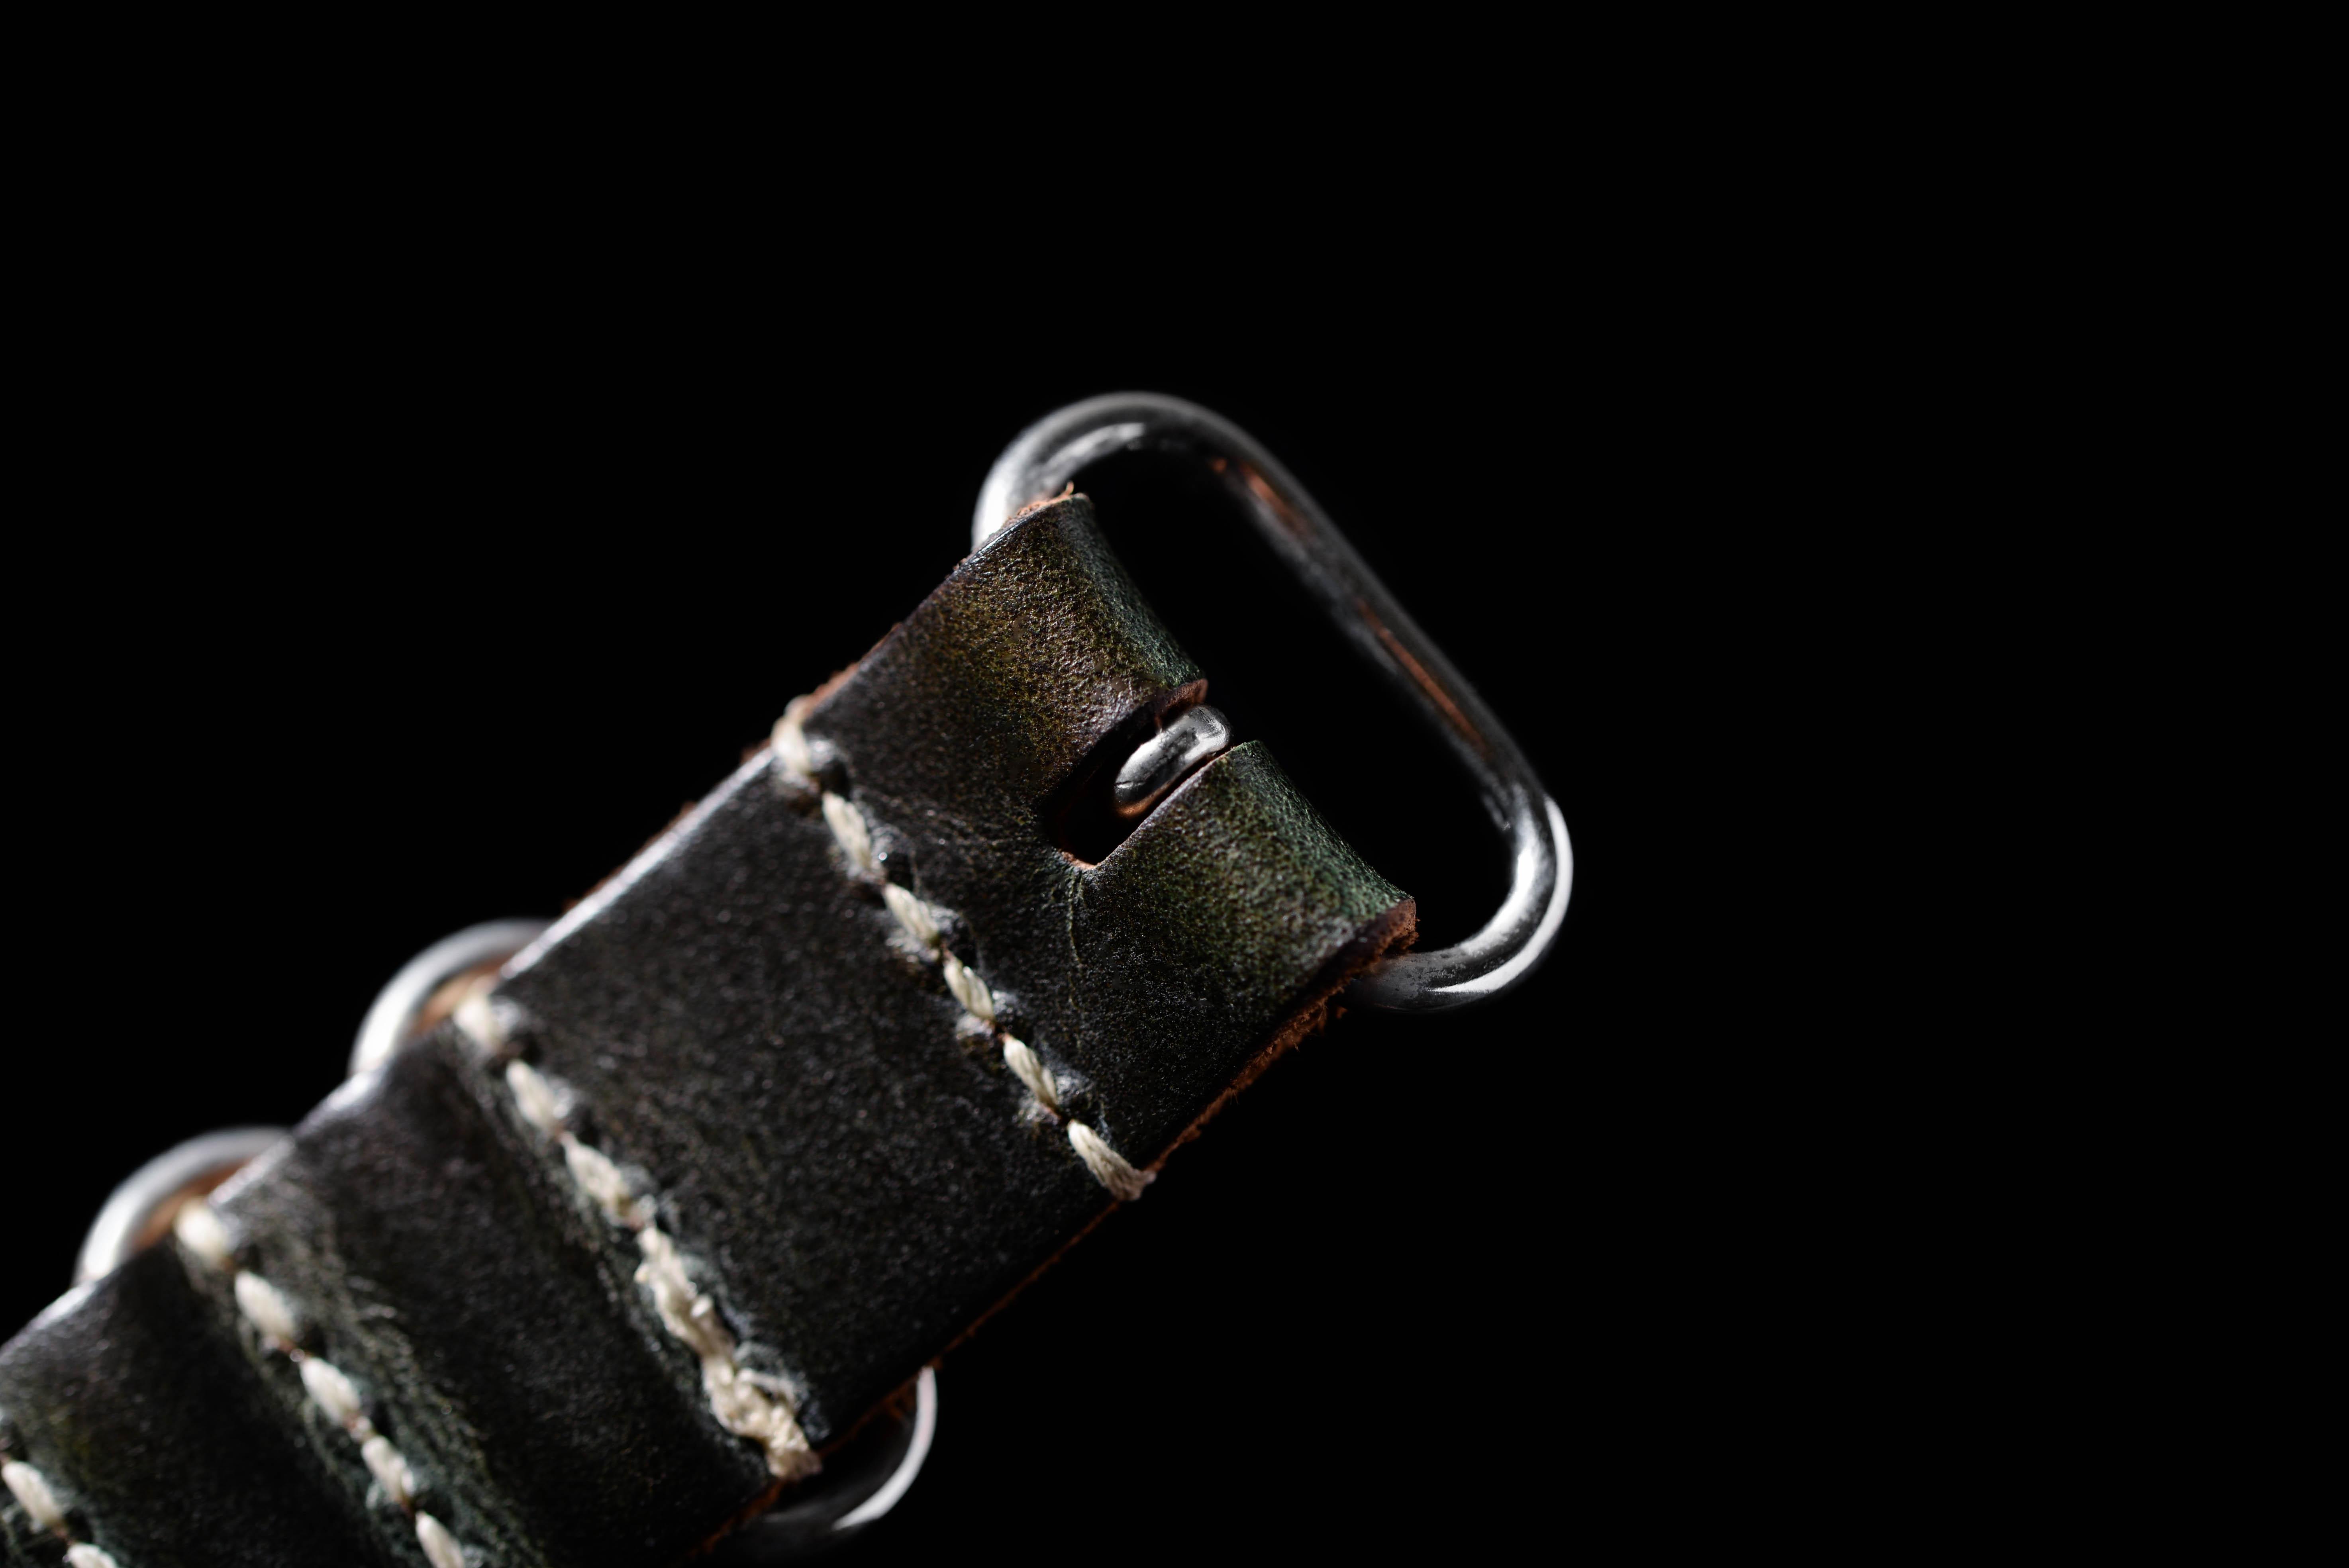 プロスペックスはアウトドアに活躍する素晴らしい道具